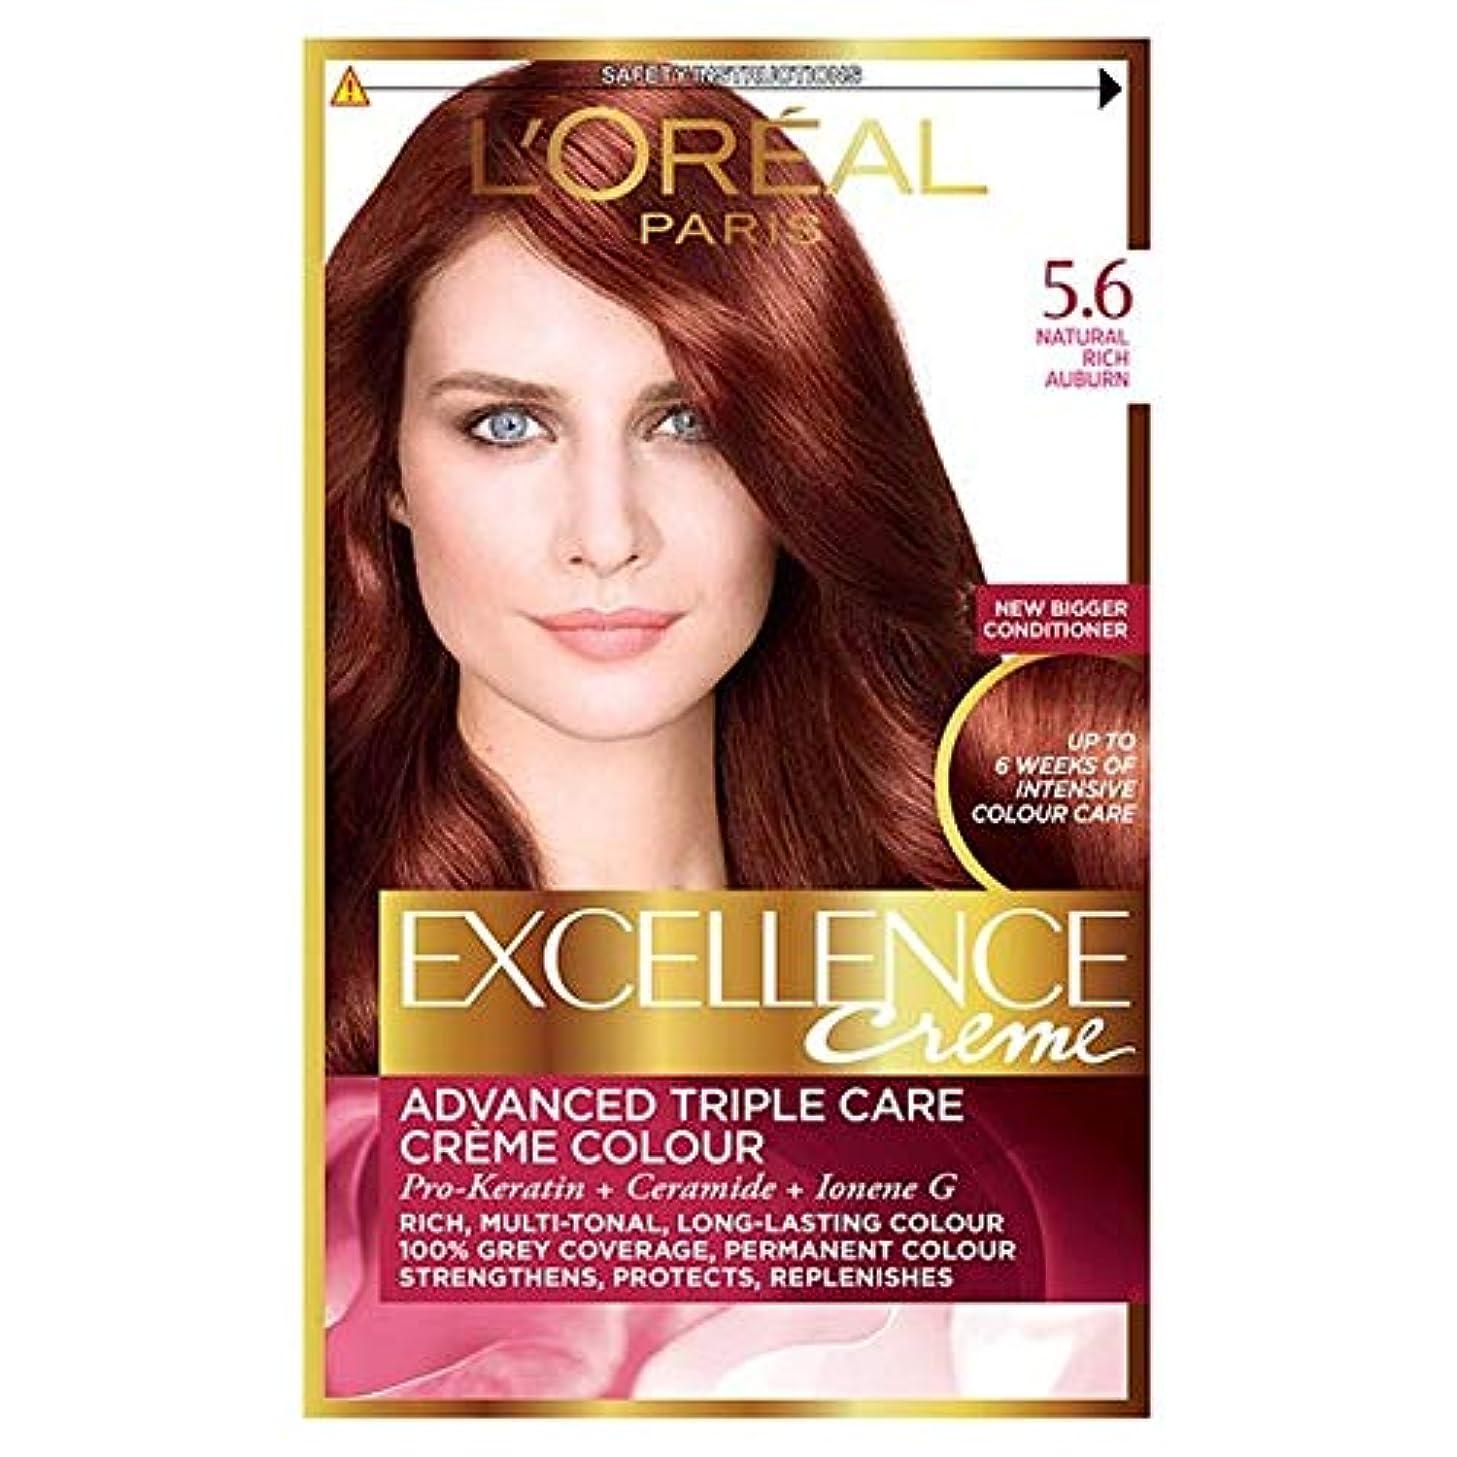 質素なまっすぐにするショッピングセンター[Excellence] ロレアルパリ優秀5.6豊かな赤褐色 - L'oreal Paris Excellence 5.6 Rich Auburn [並行輸入品]